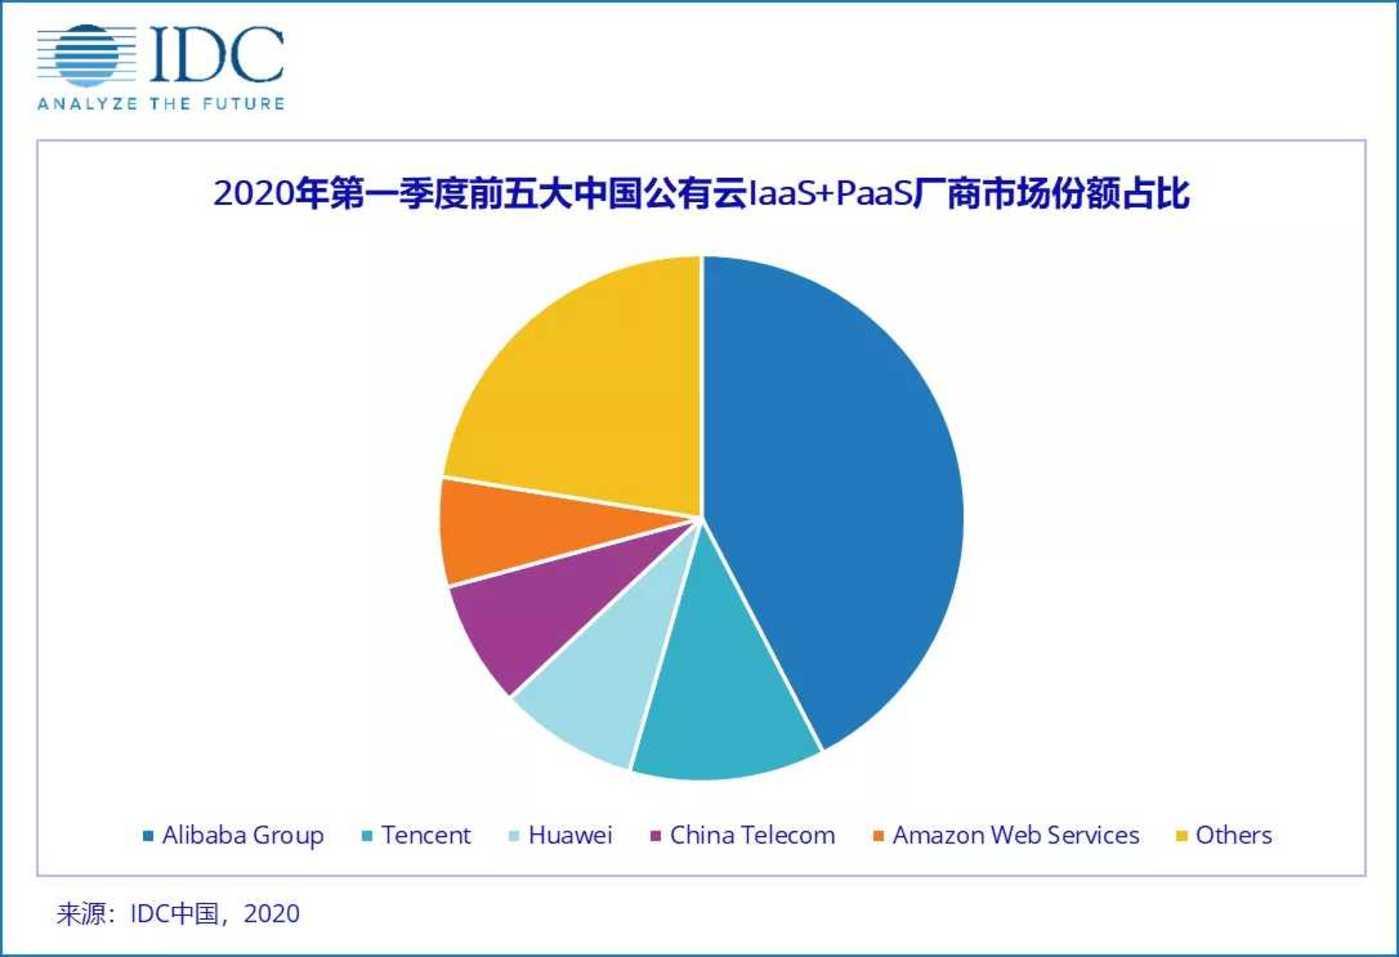 今年7月,IDC发布的2020Q1前五大中国公有云IaaS+PaaS厂商市场份额占比